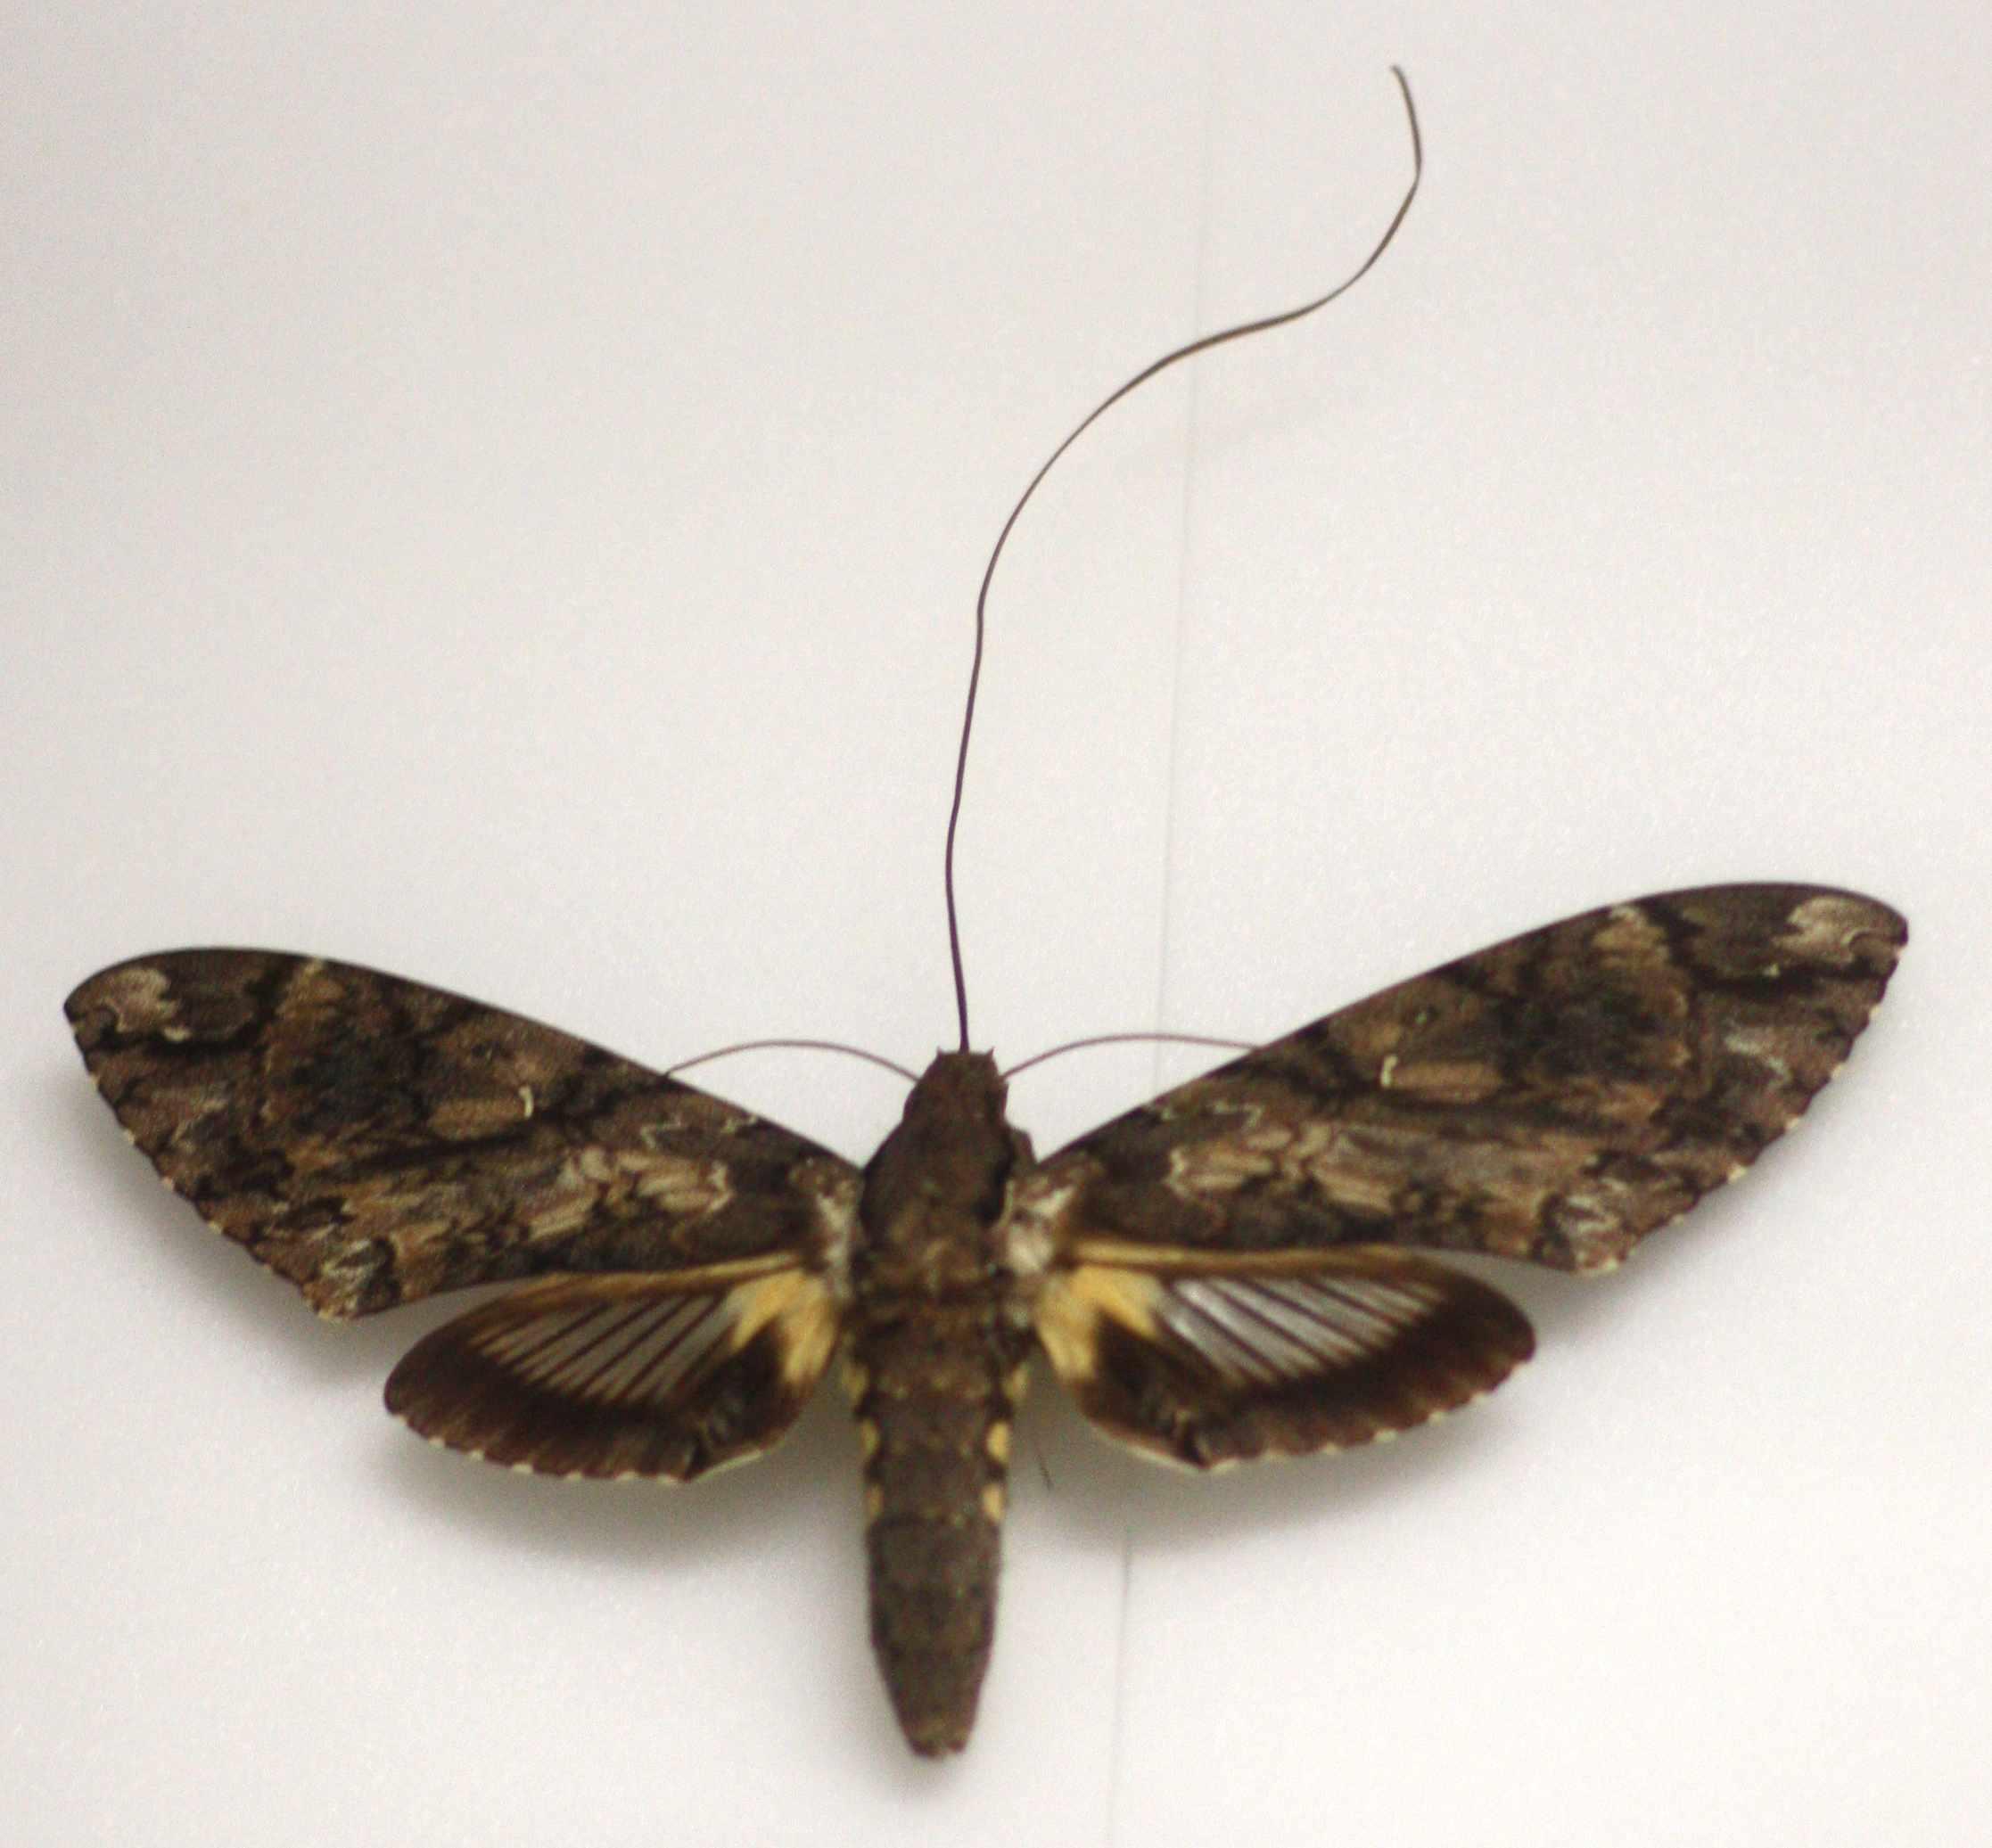 giant sphinx moth, Cocytius antaeus